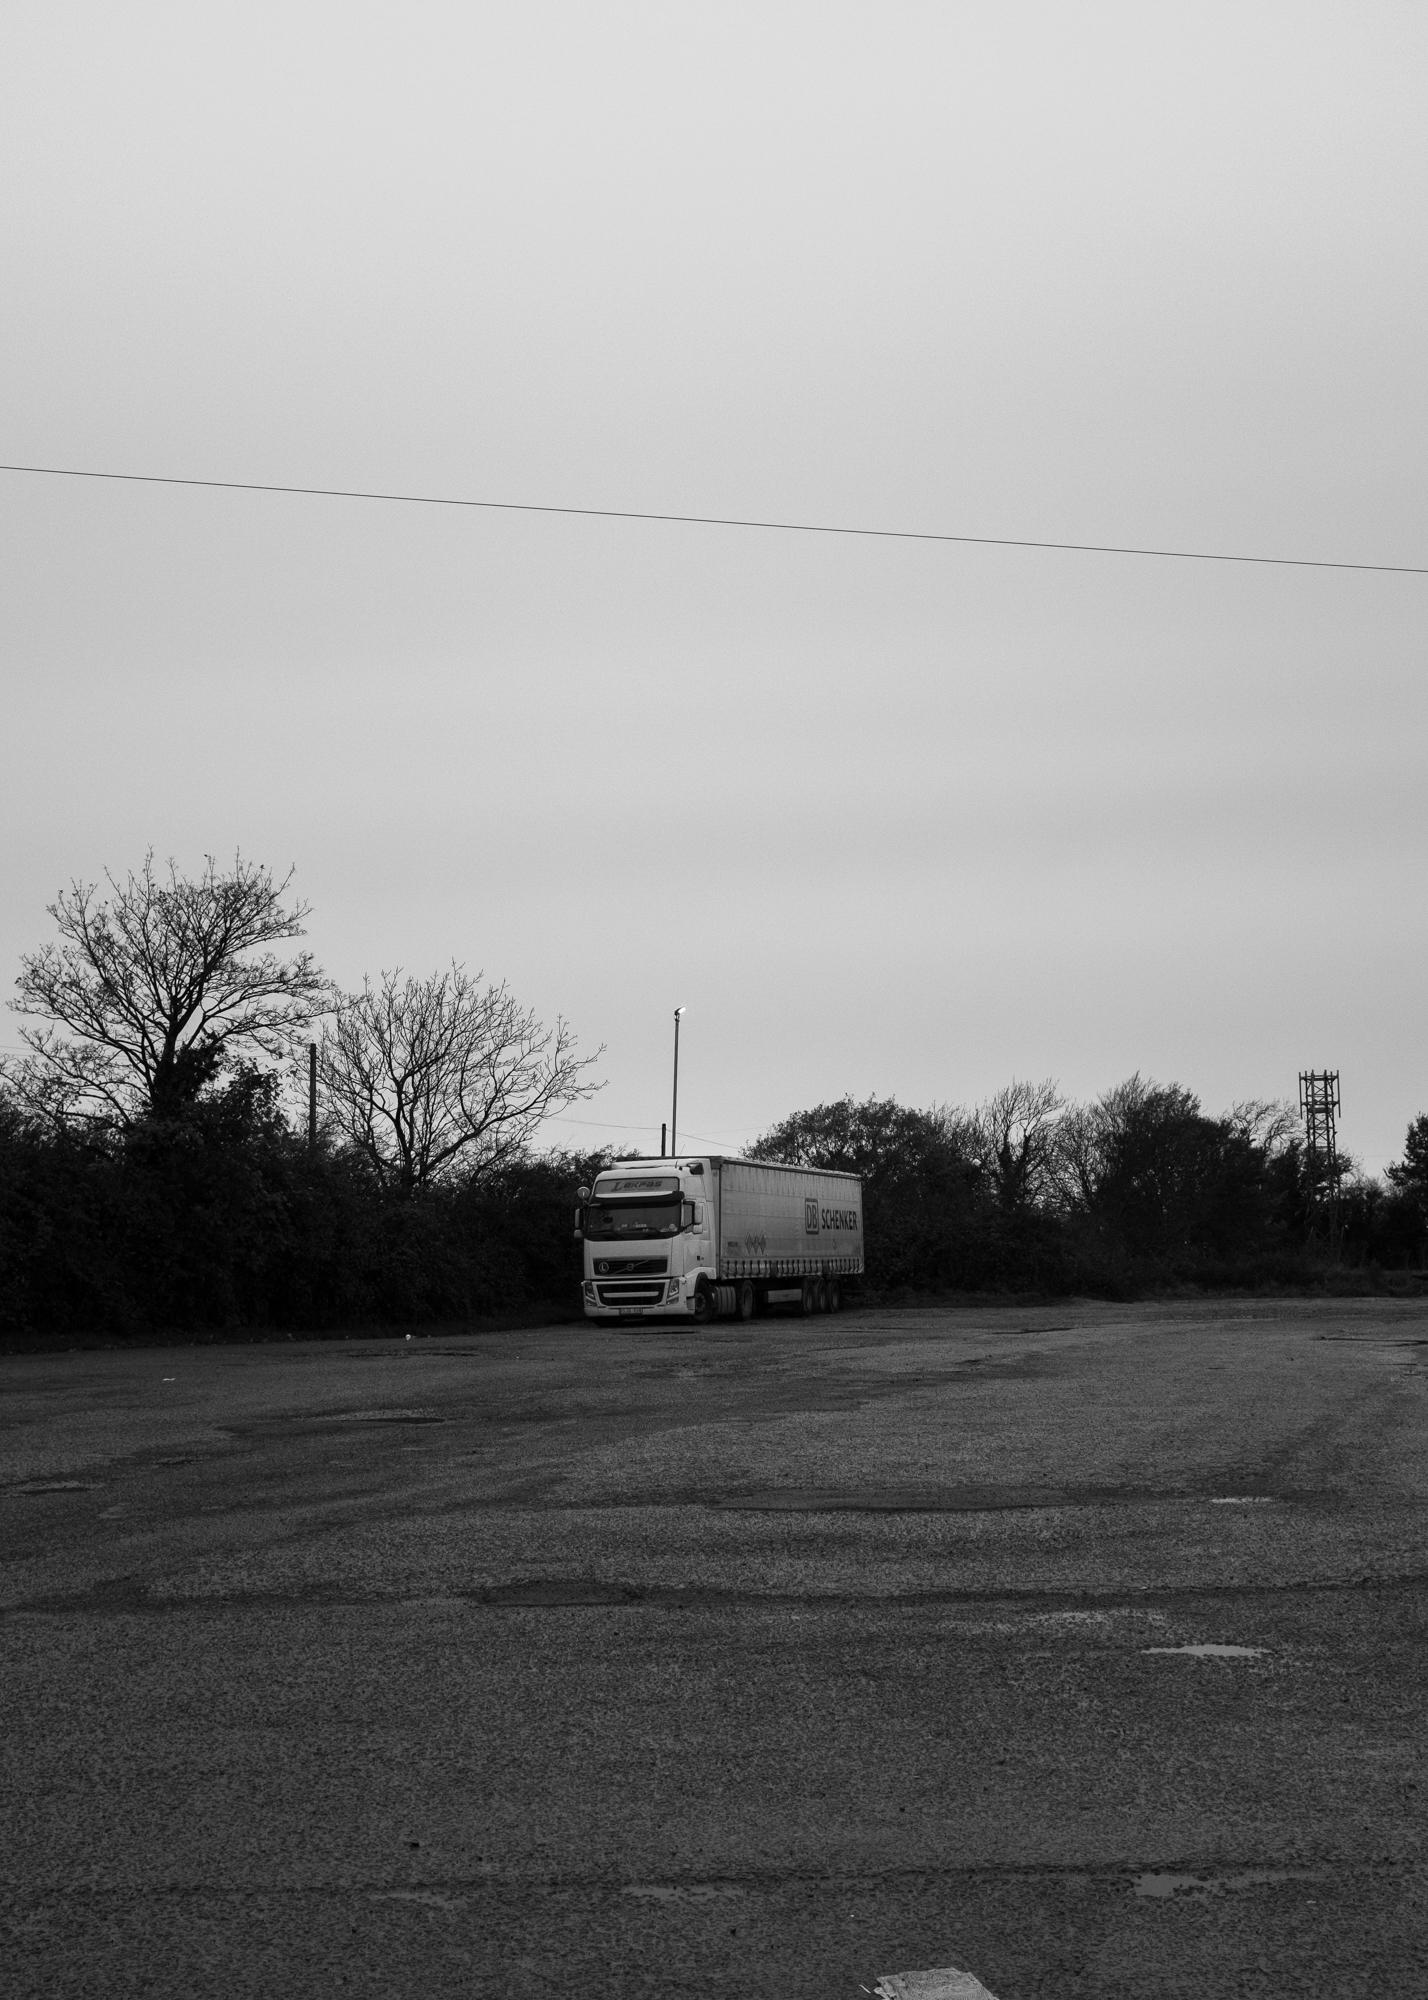 Truck stop. Republic of Ireland.